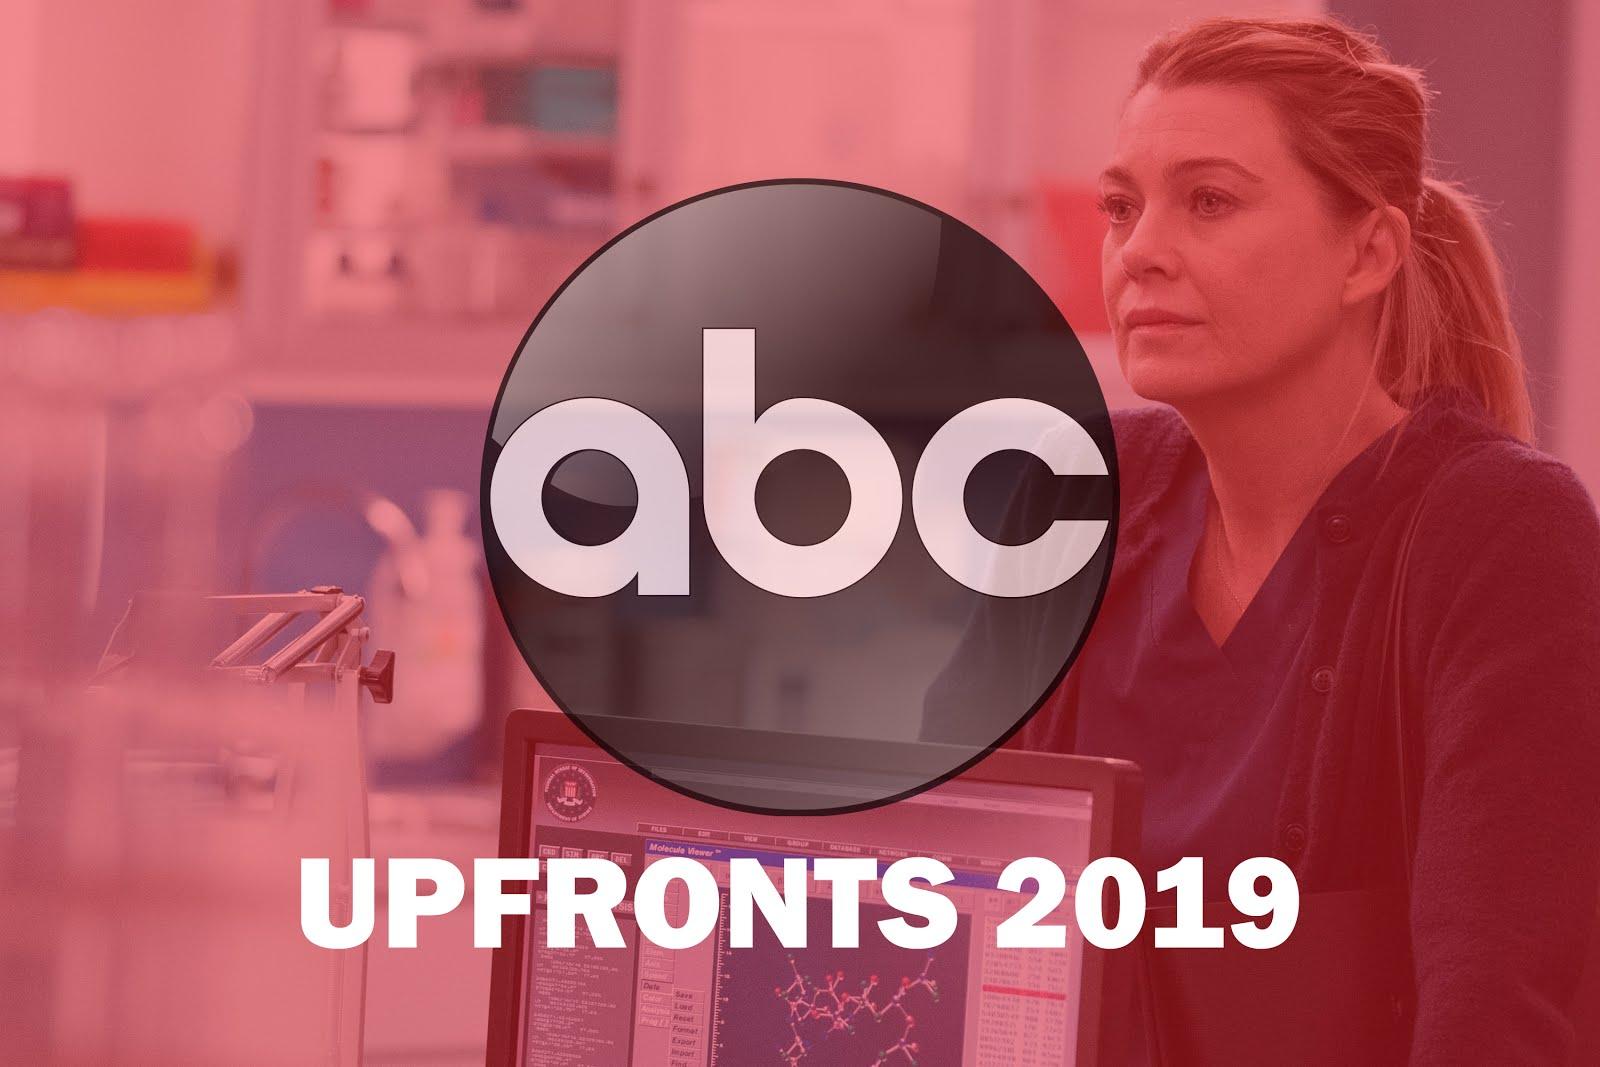 Upfronts 2019 de ABC con todos los estrenos, renovaciones y cancelaciones